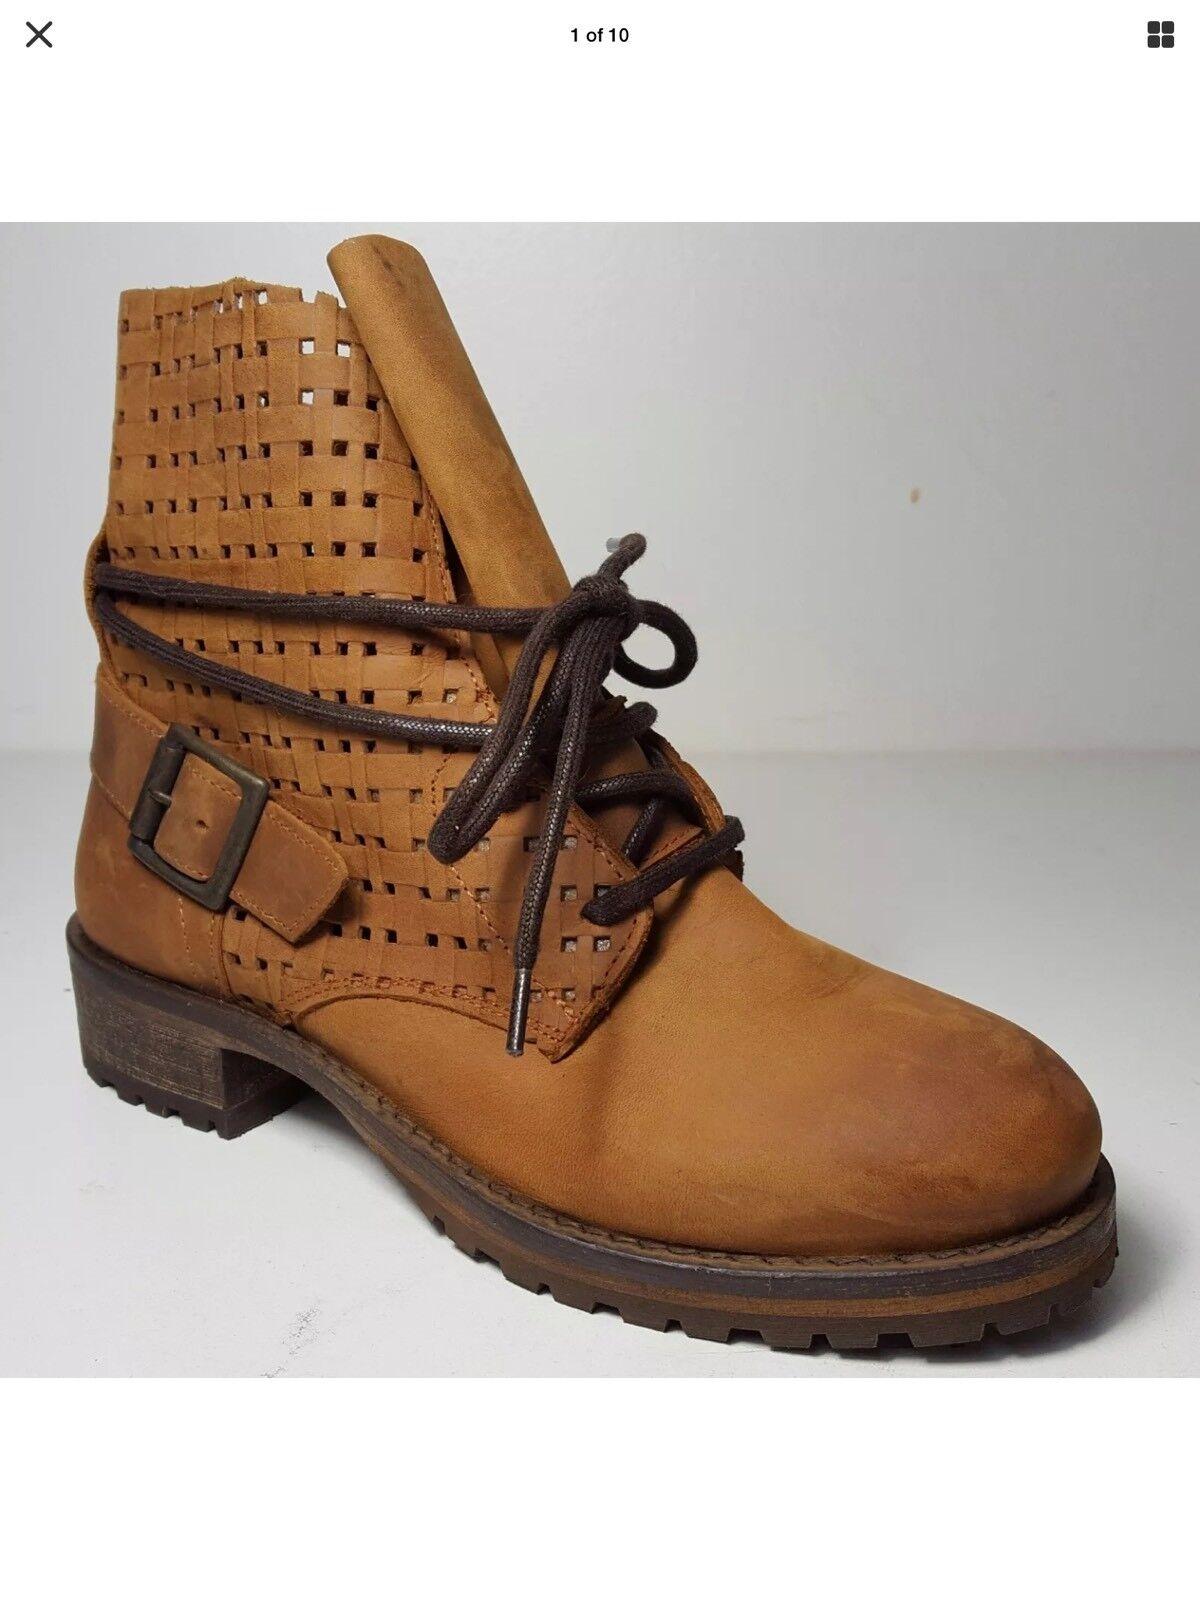 Jeffrey Campbell 2615-ki Perforiert Zum Schnüren Schnüren Schnüren Kampf Stiefel Schuhe Größe 39    903627